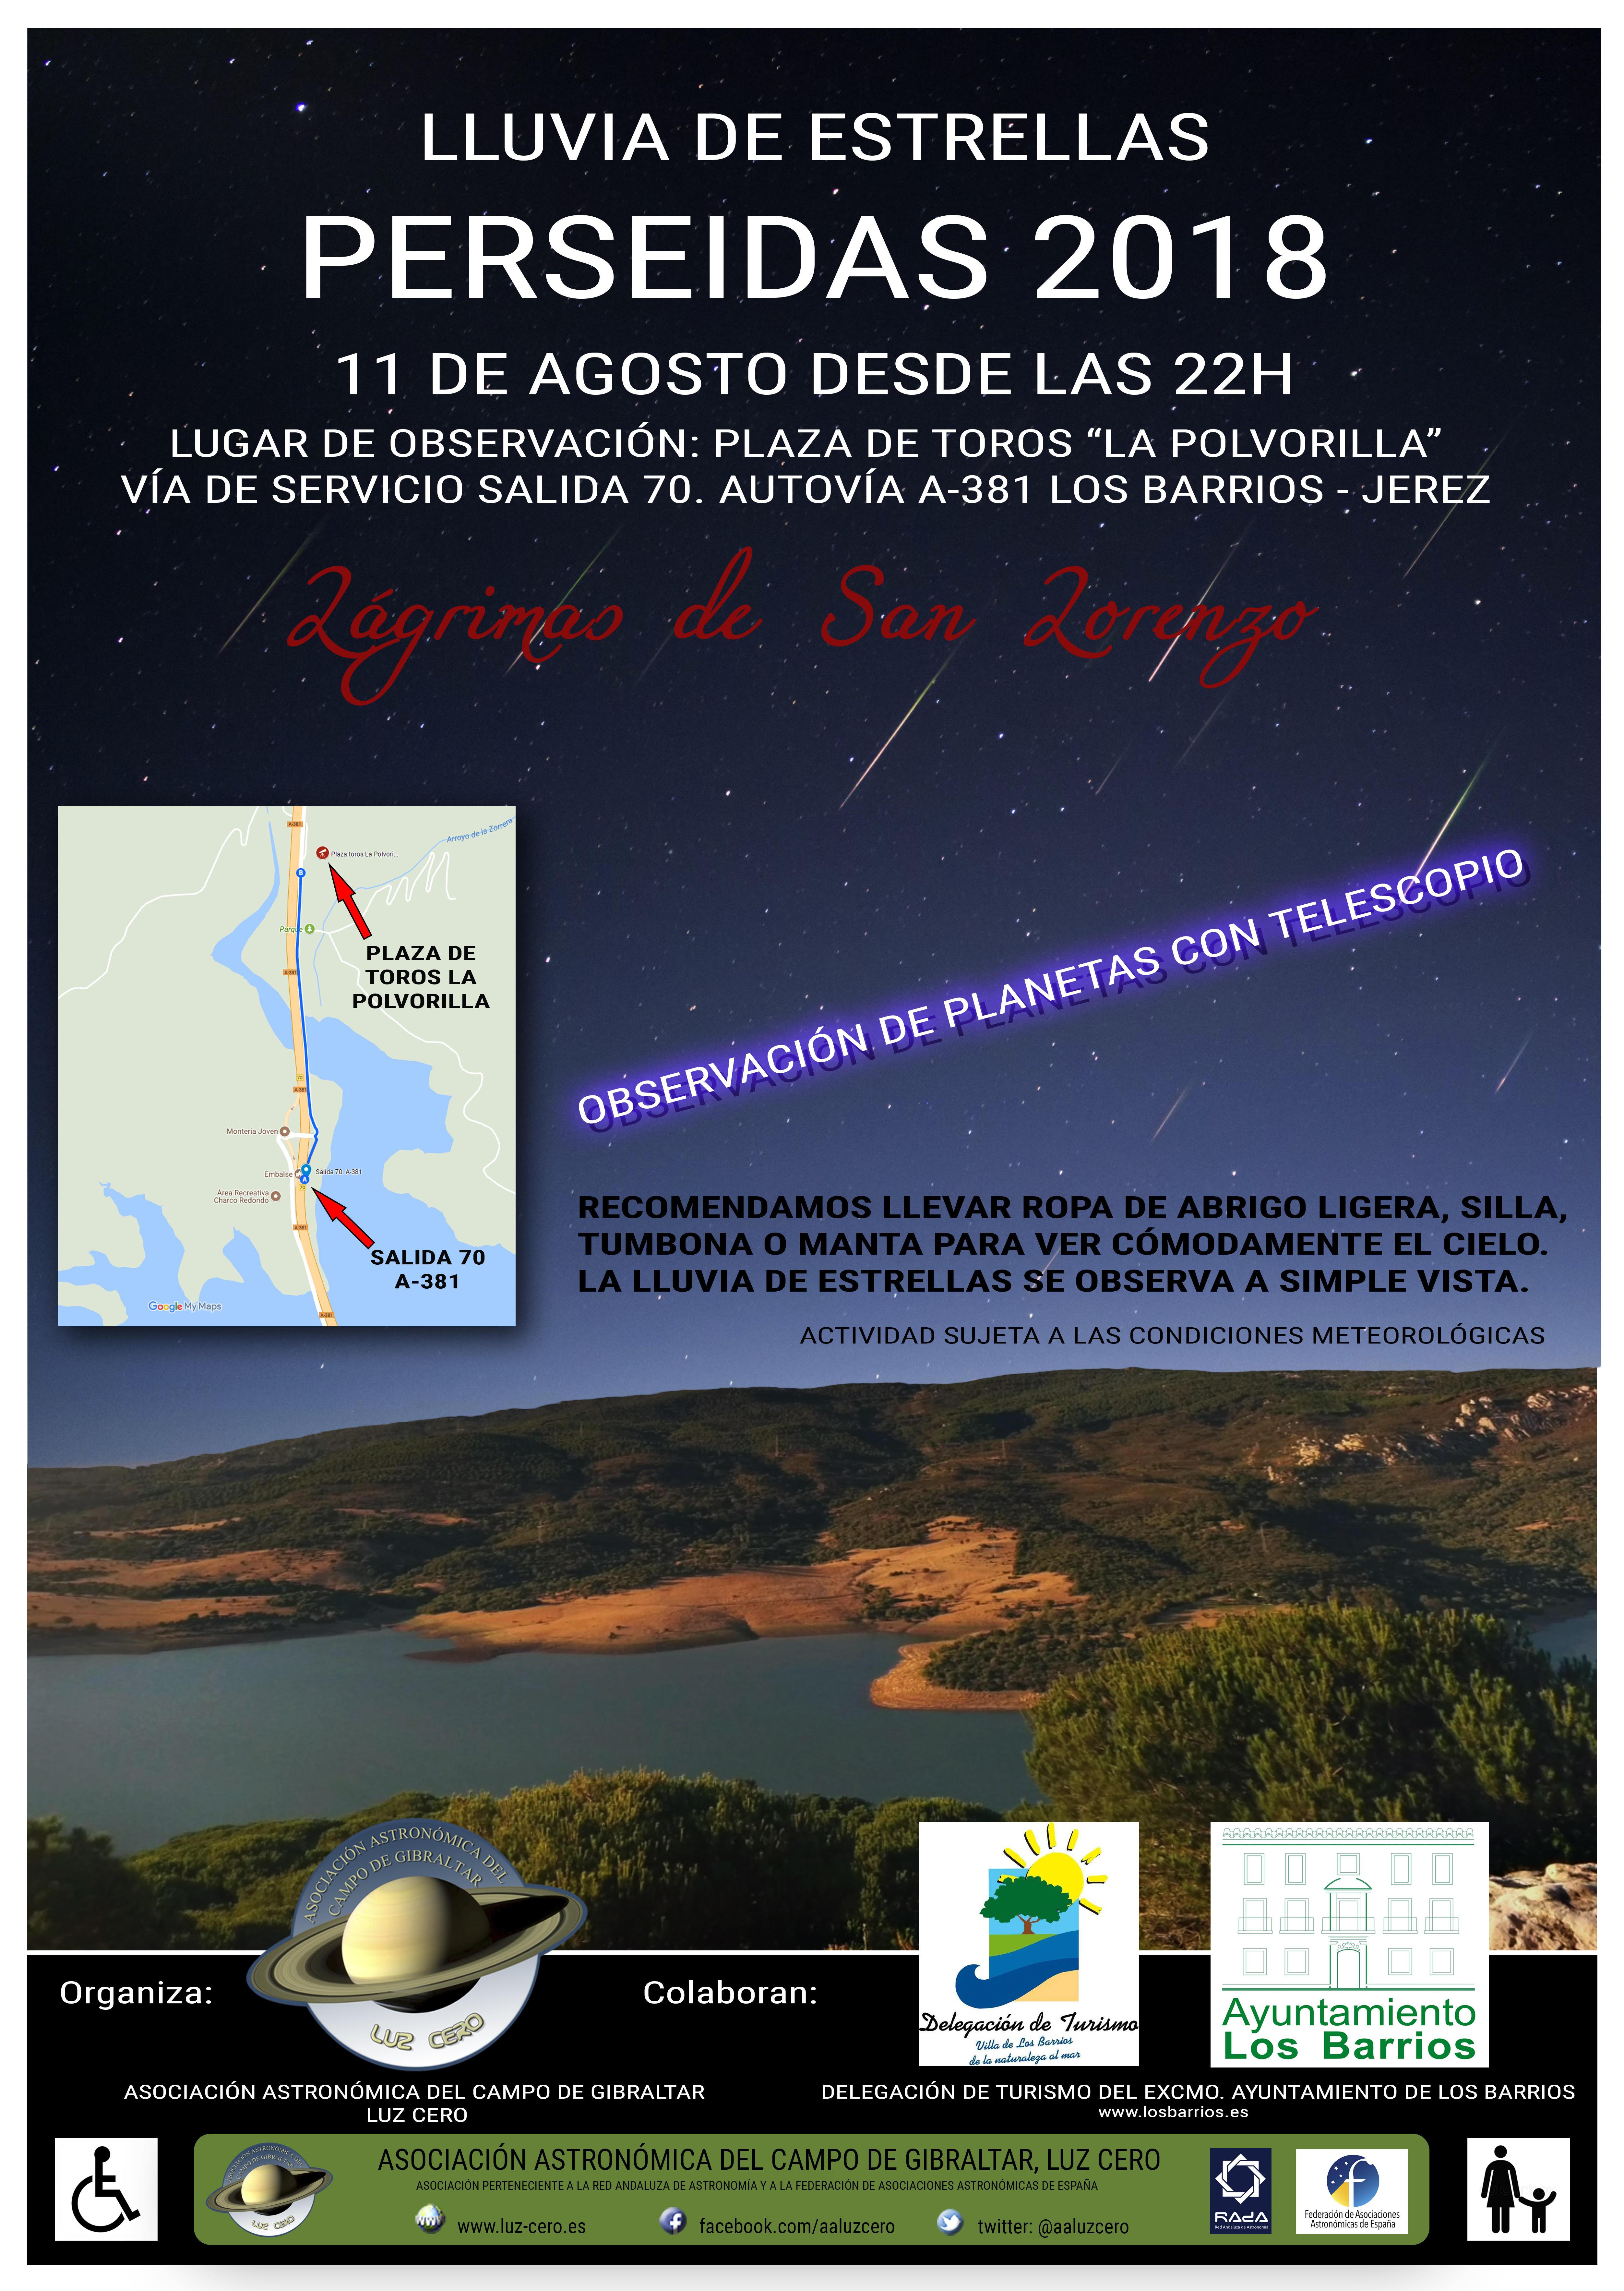 Turismo Los Barrios invita a observar la lluvia de estrellas 'Perseidas 2018' el próximo sábado